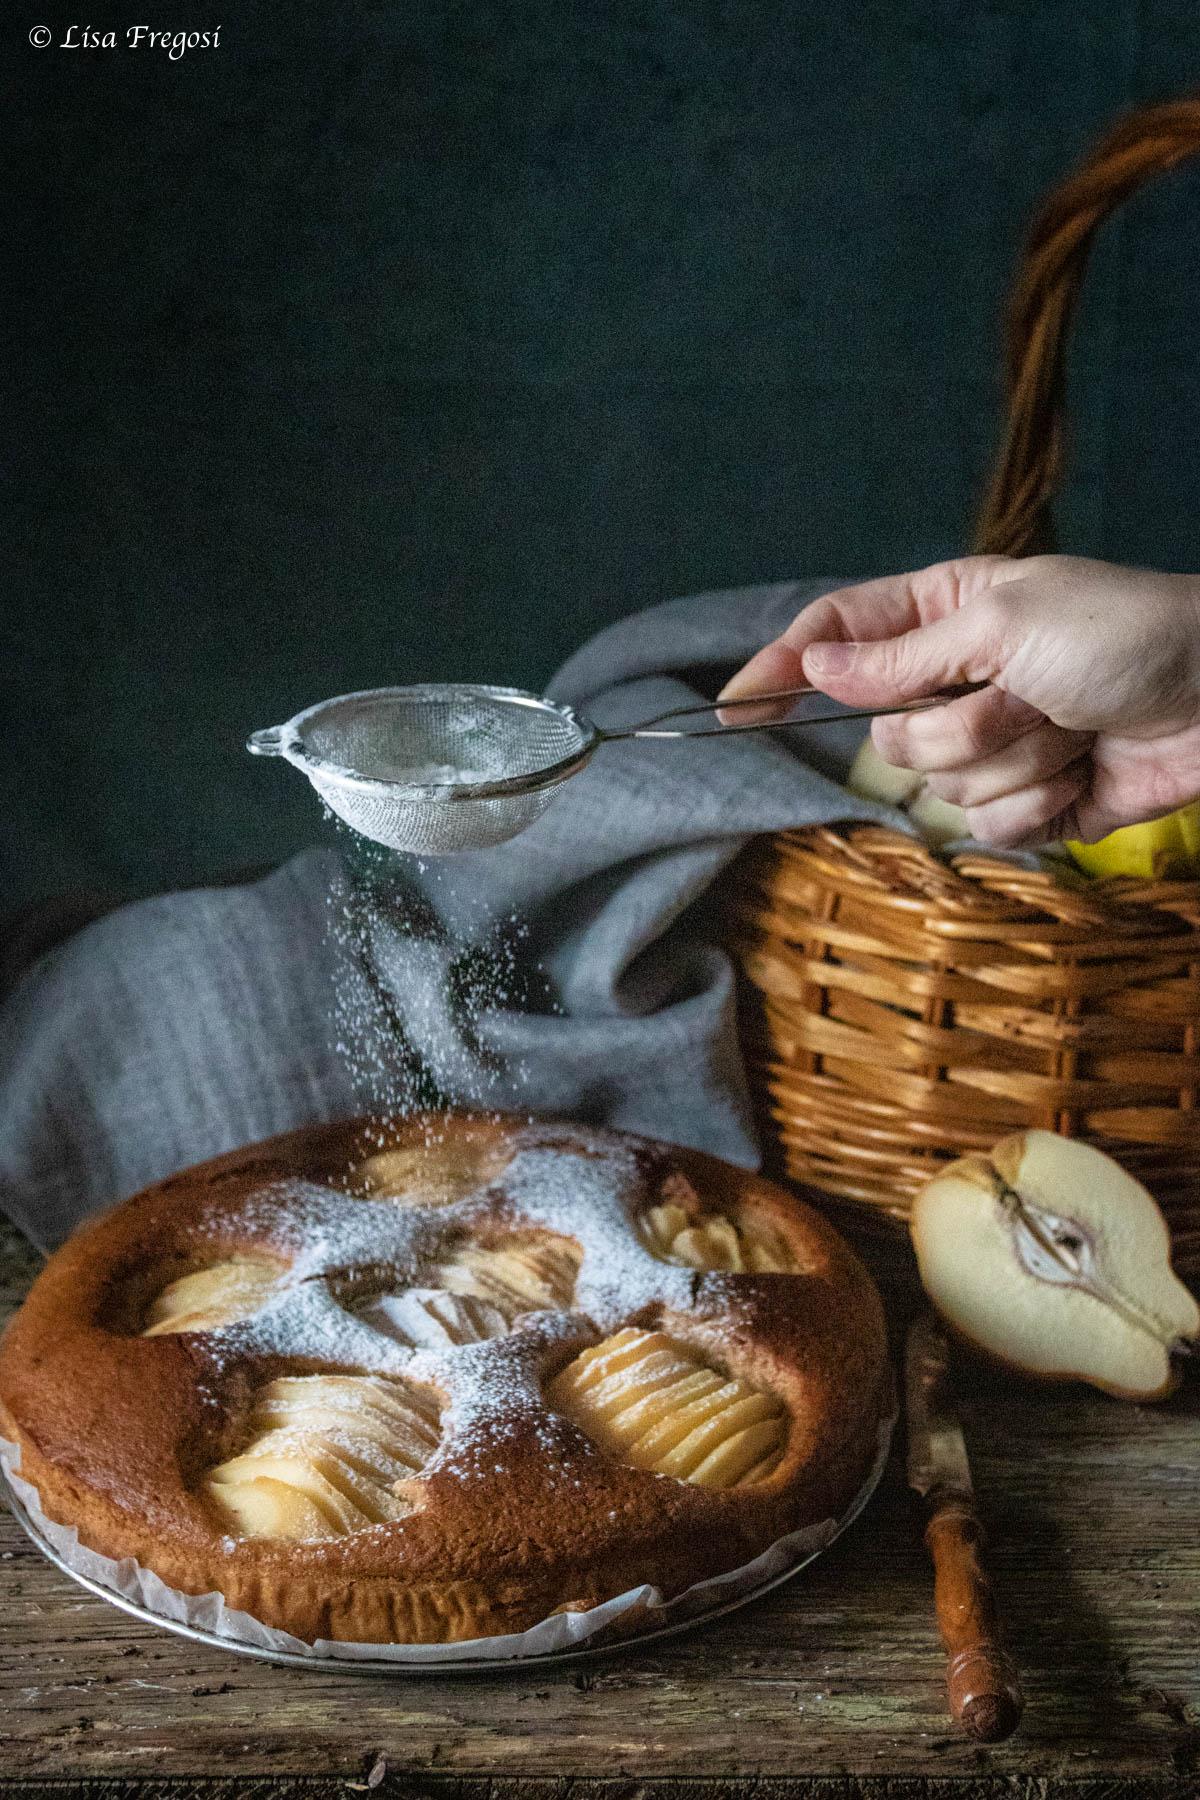 torta con pere cotogne torta di pere cotogne torta di pere cotogne ricetta